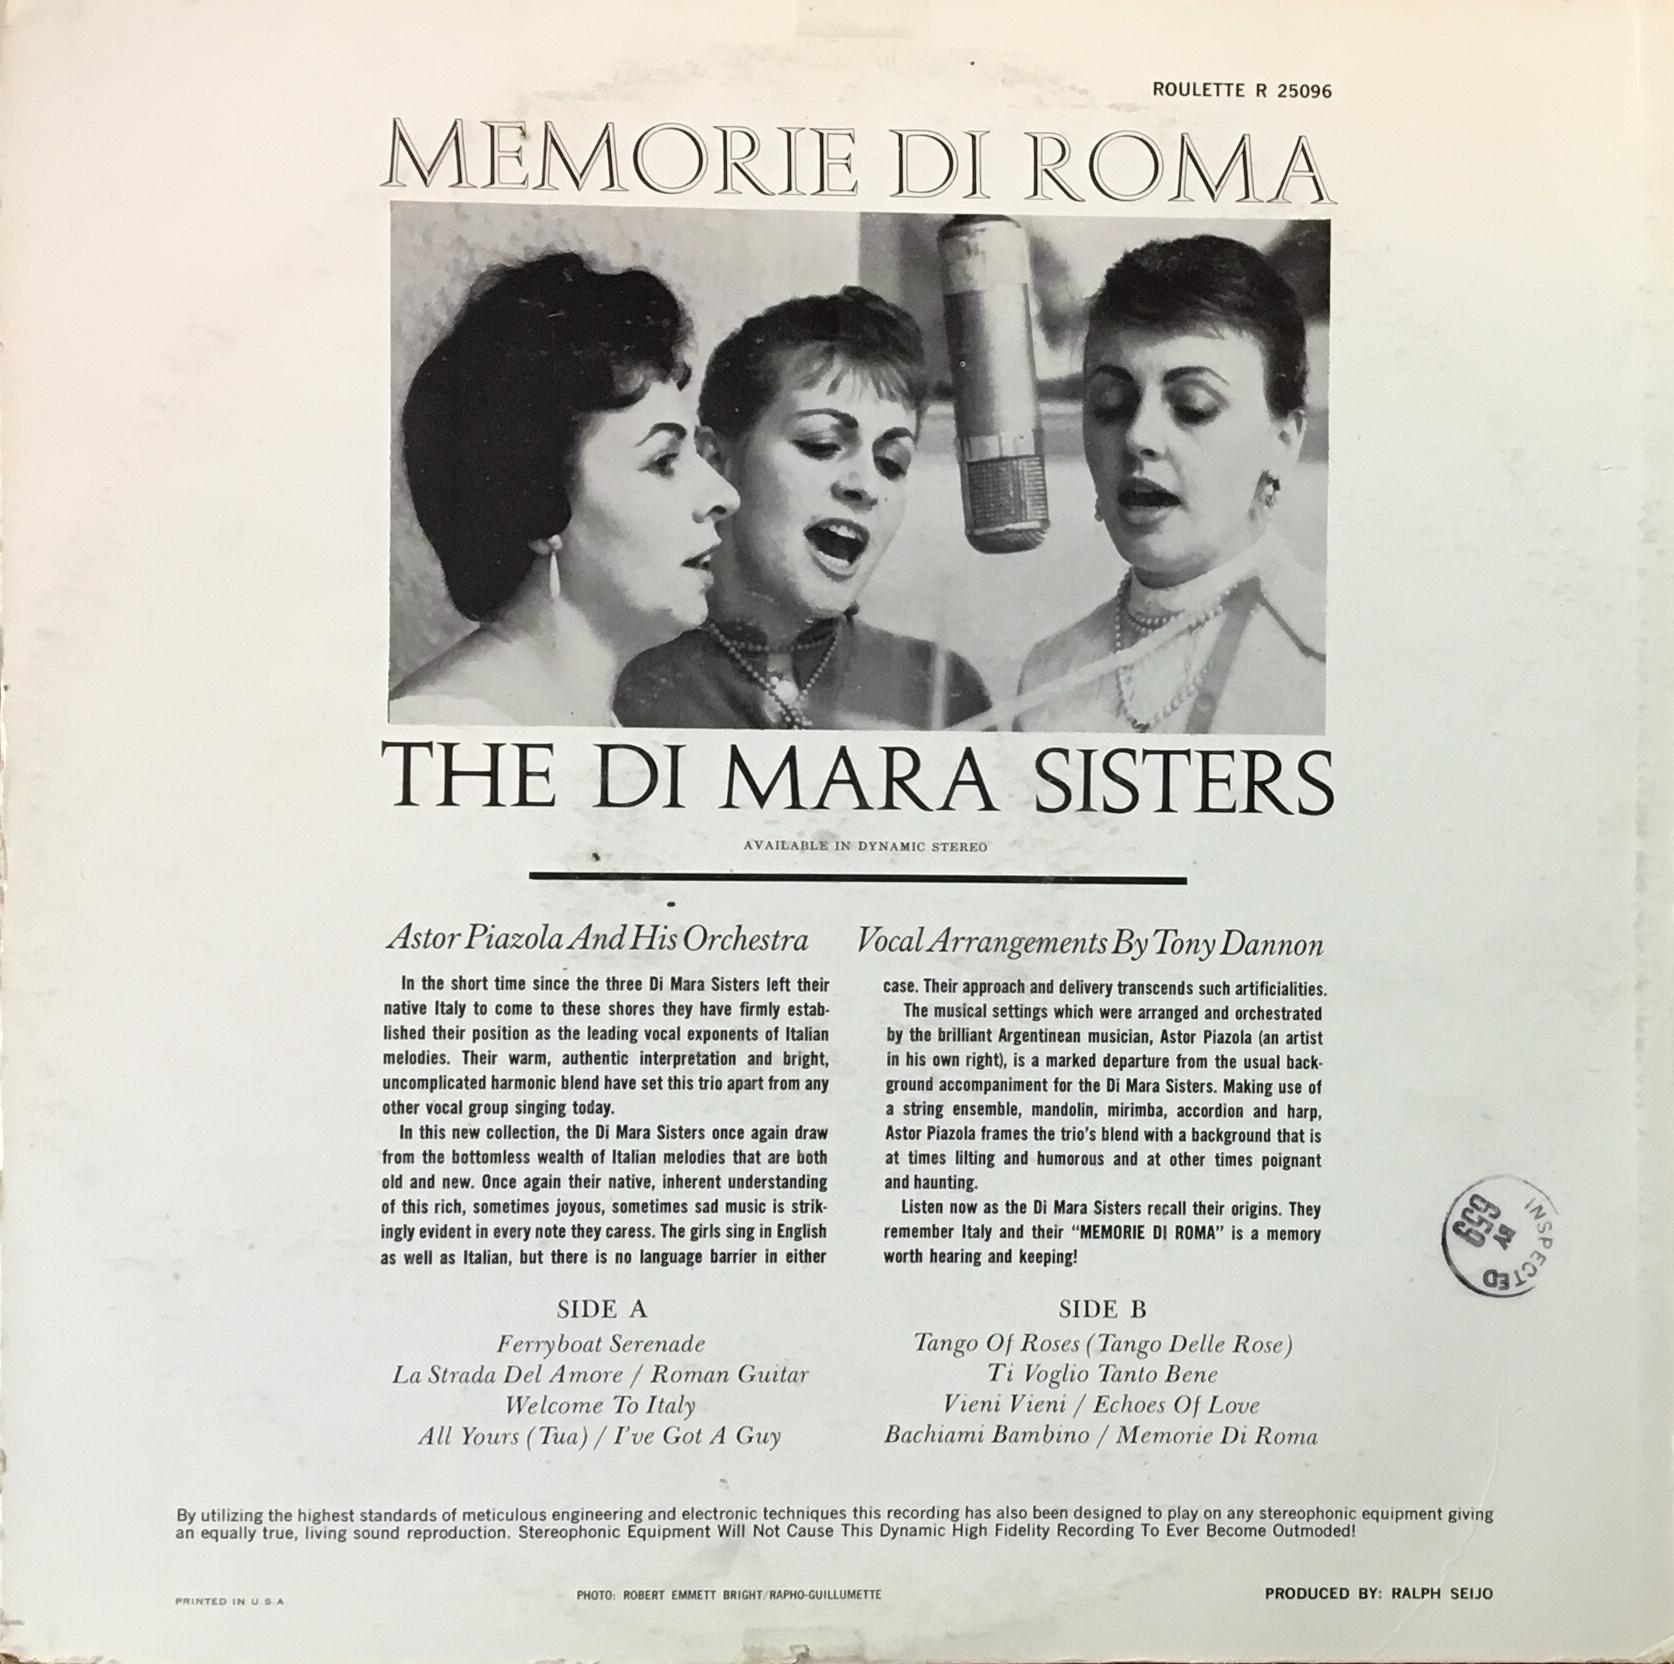 DiMaraSisters_MemorieRomaBack